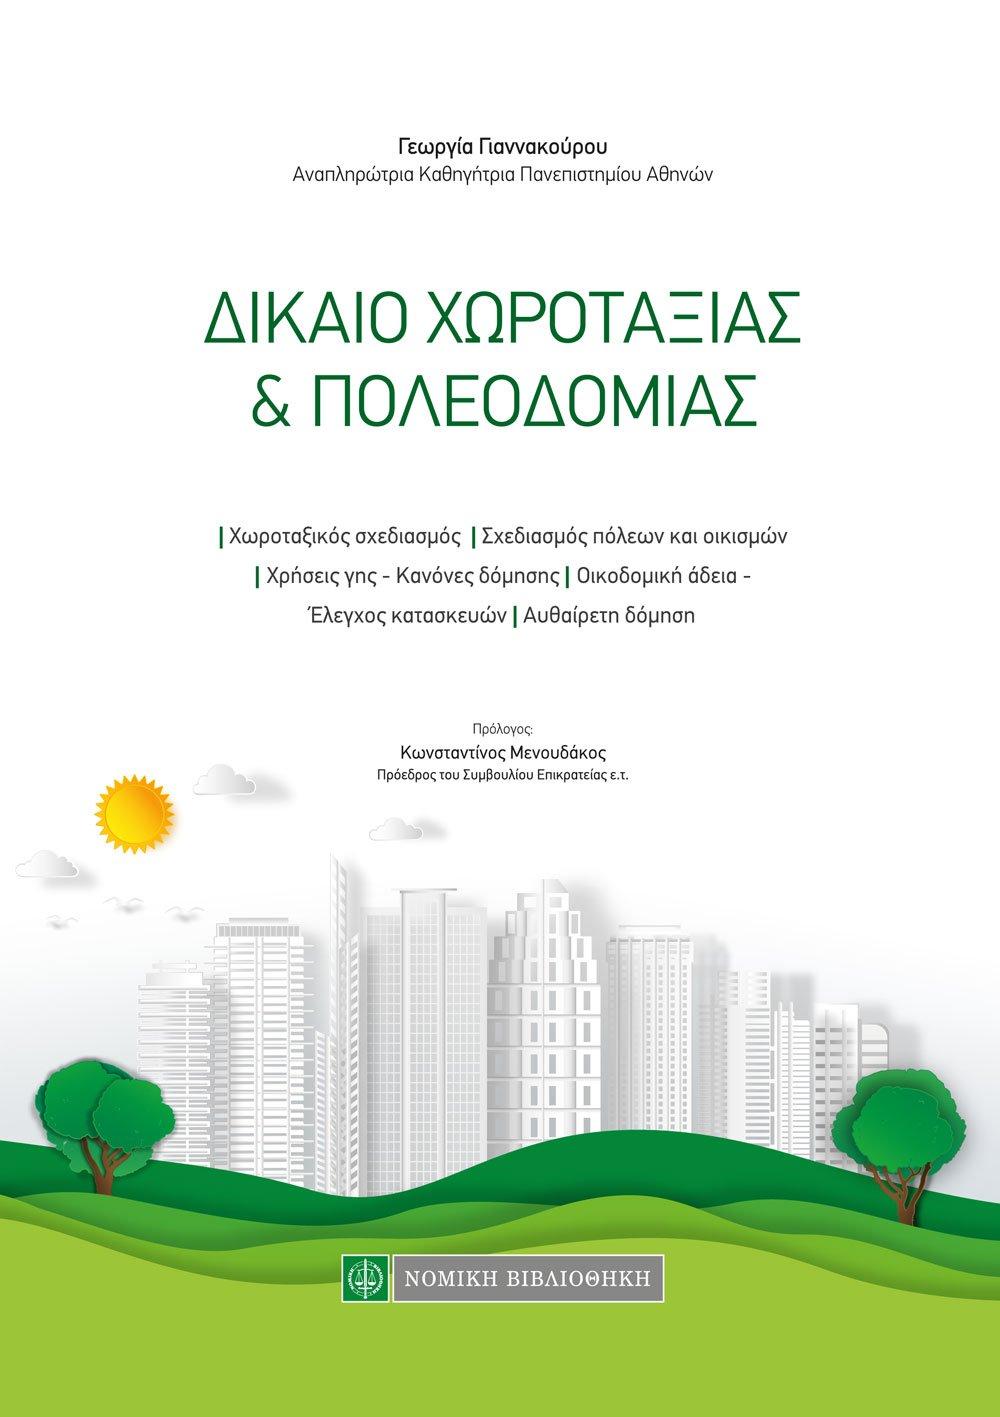 Παρουσίαση του βιβλίου της καθηγήτριας Γεωργίας Γιαννακούρου: «∆ίκαιο Χωροταξίας & Πολεοδοµίας»